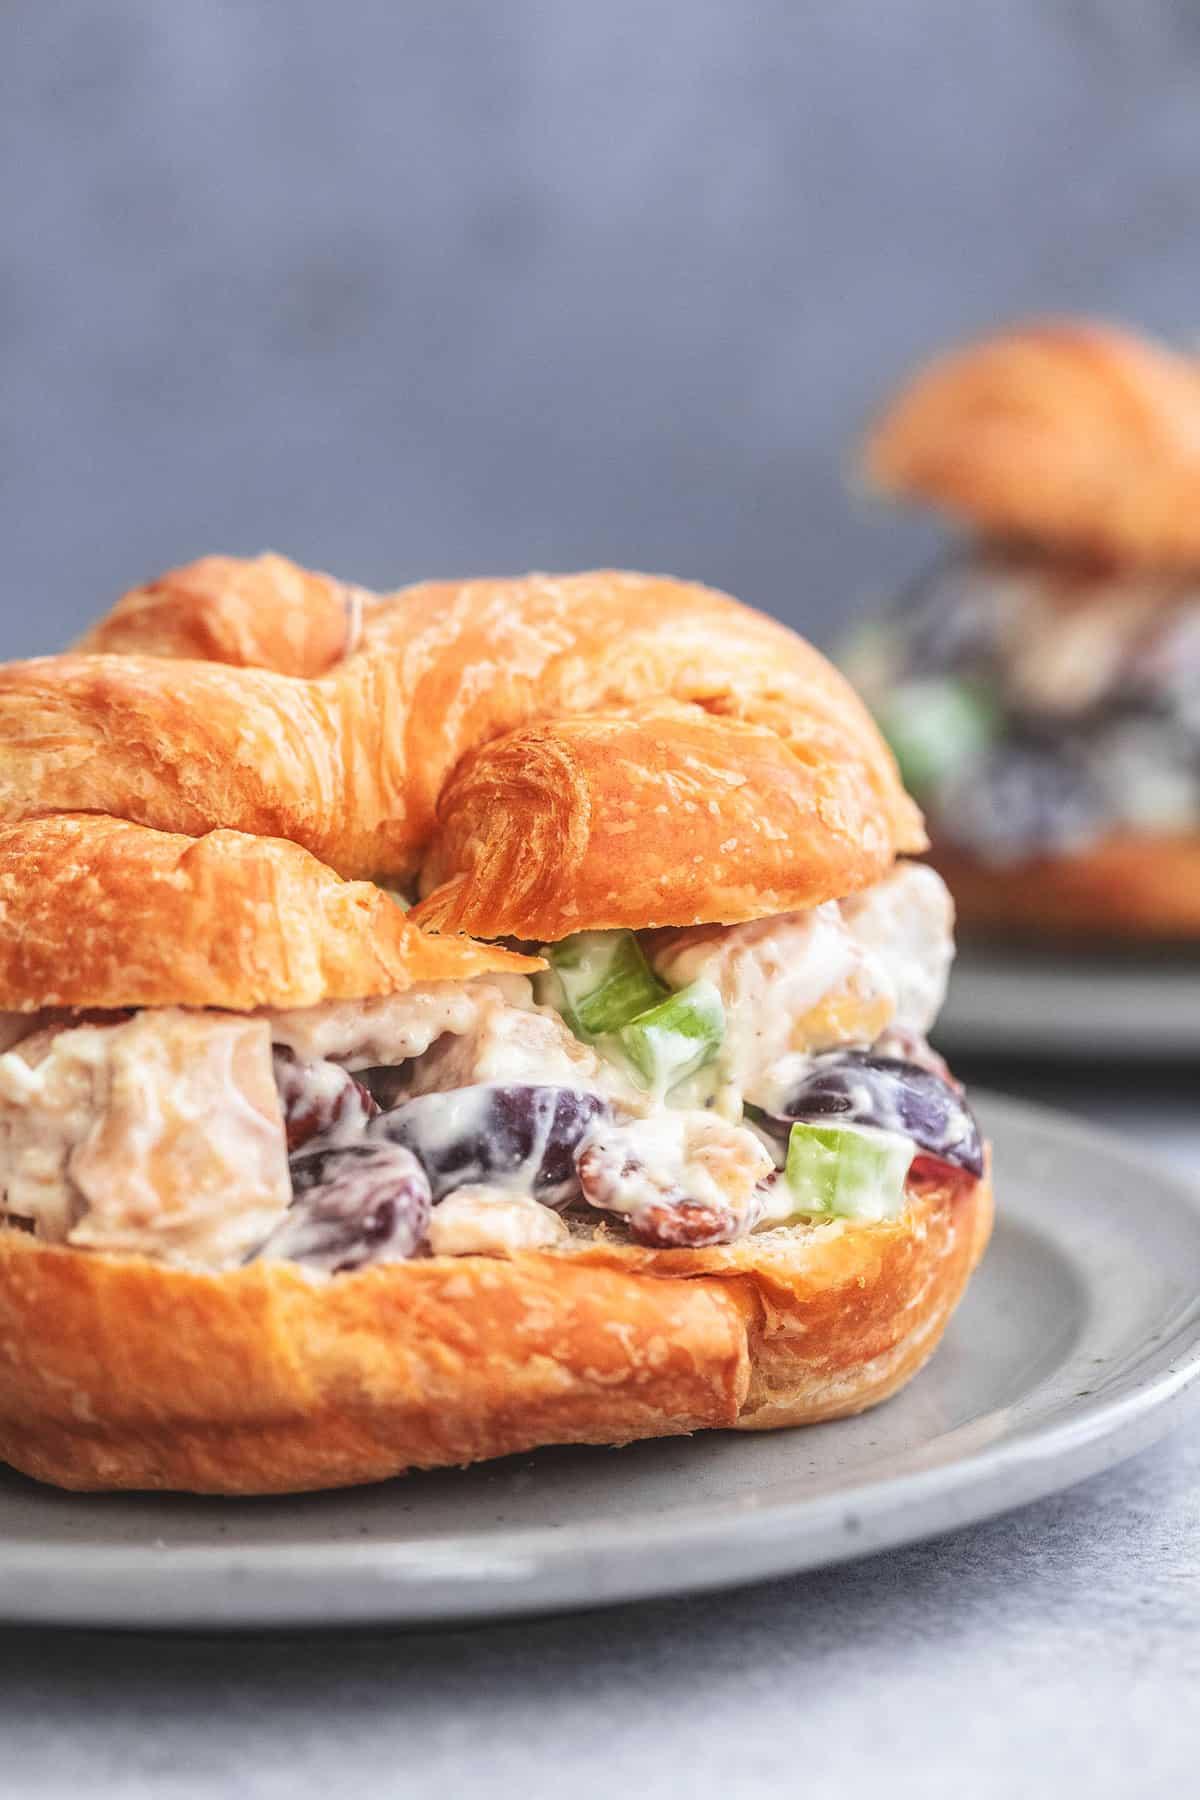 hautnah Hühnersalat Sandwich Croissant auf einem Teller